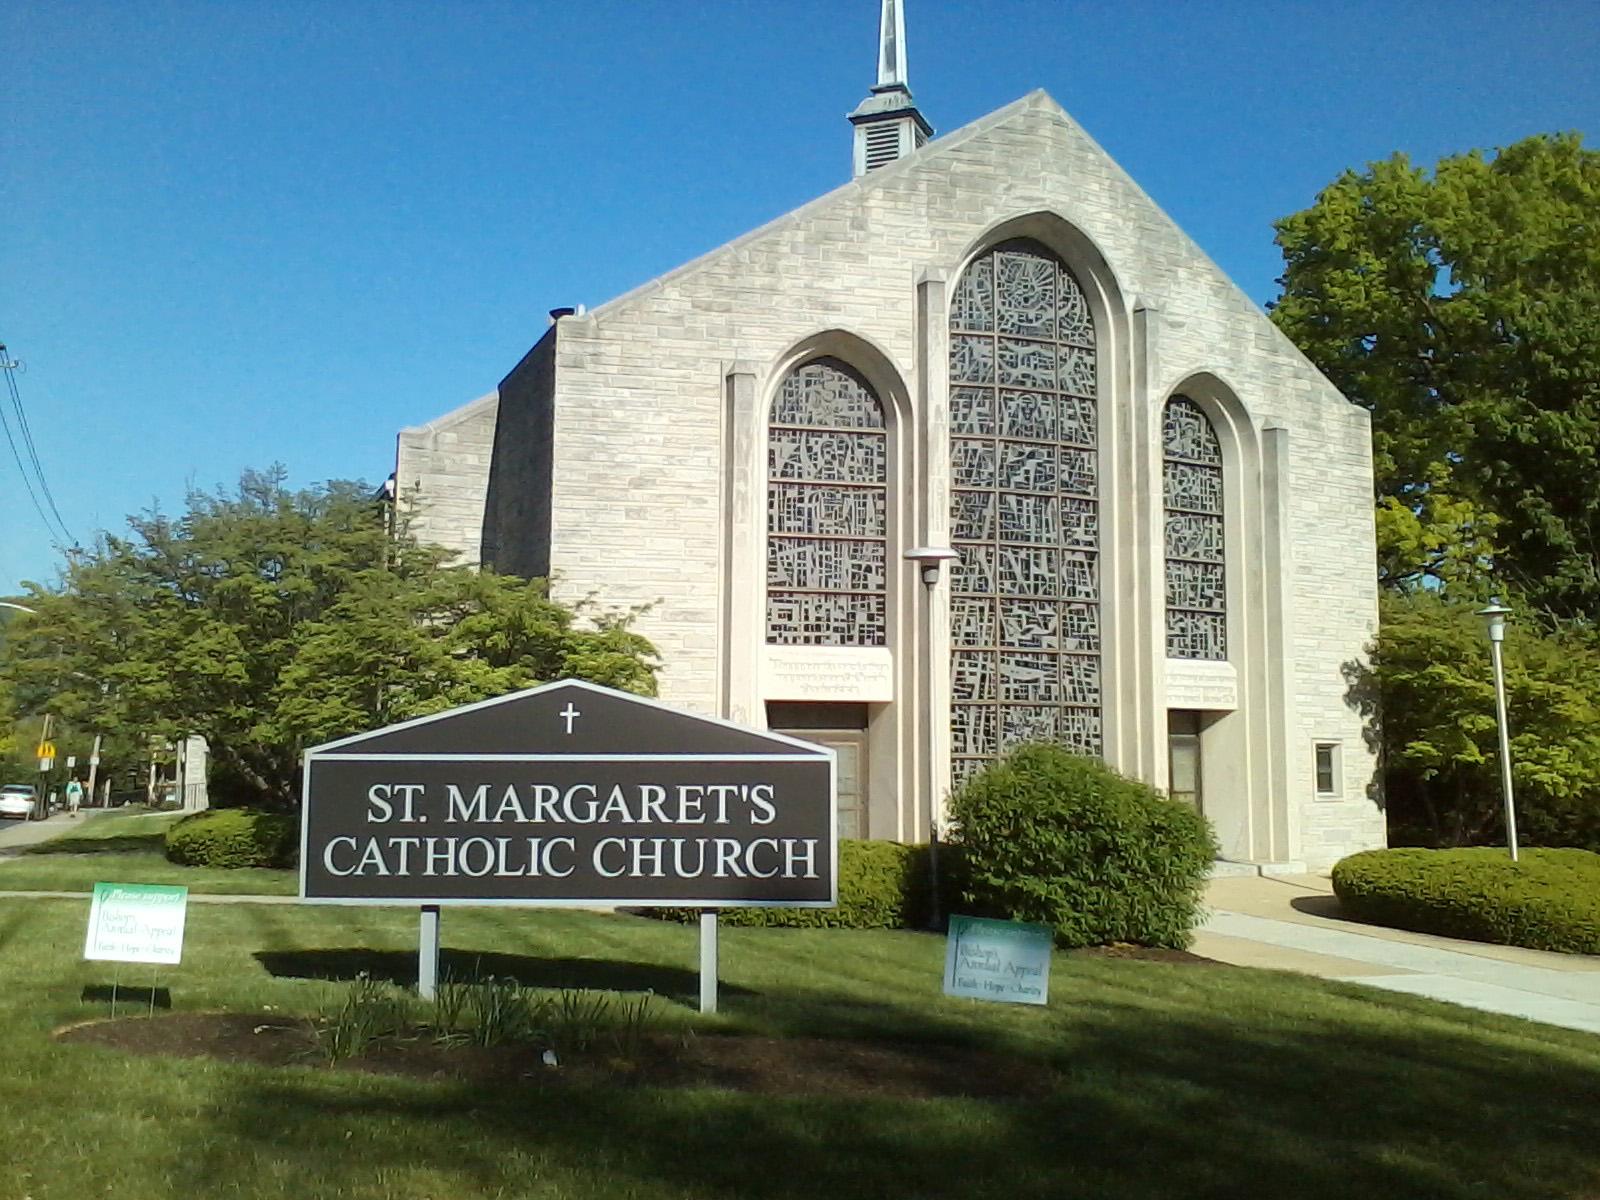 St. Margaret's Church (2015)